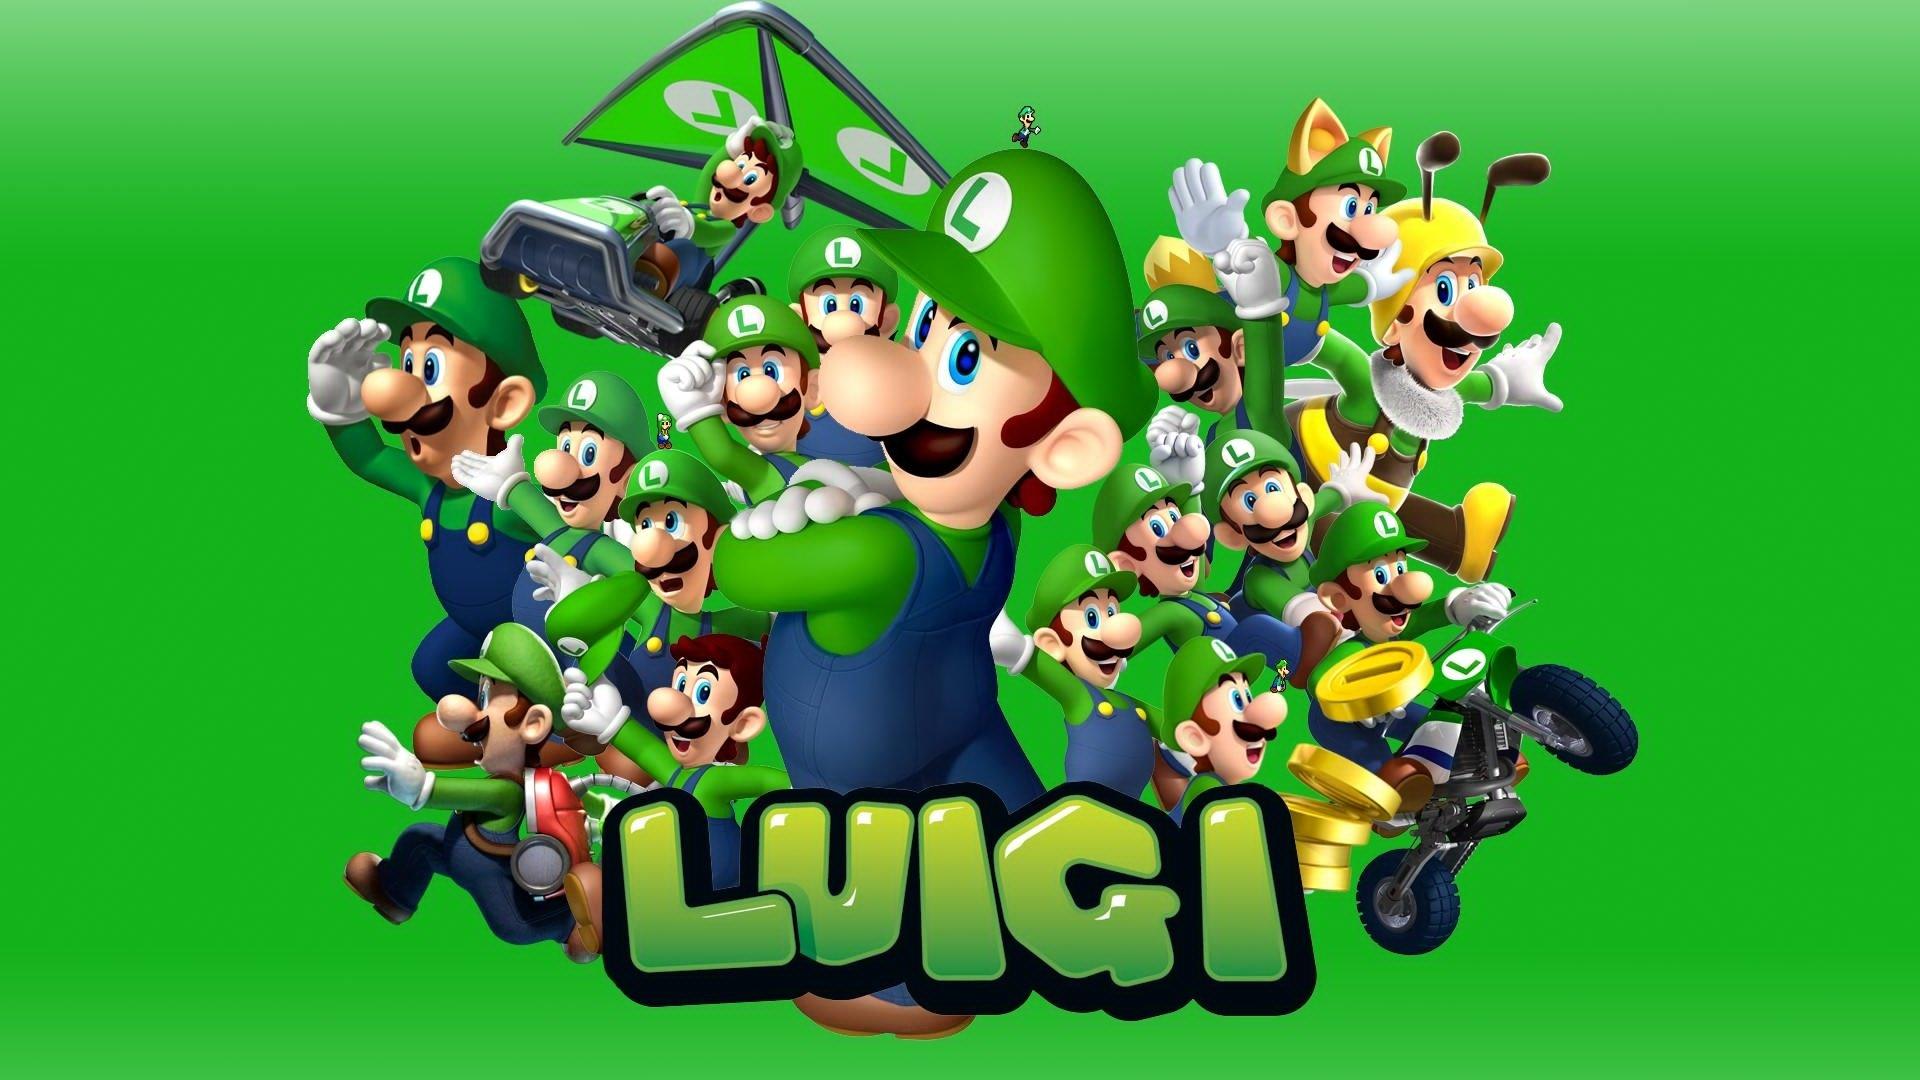 Video Game - Luigi  Wallpaper